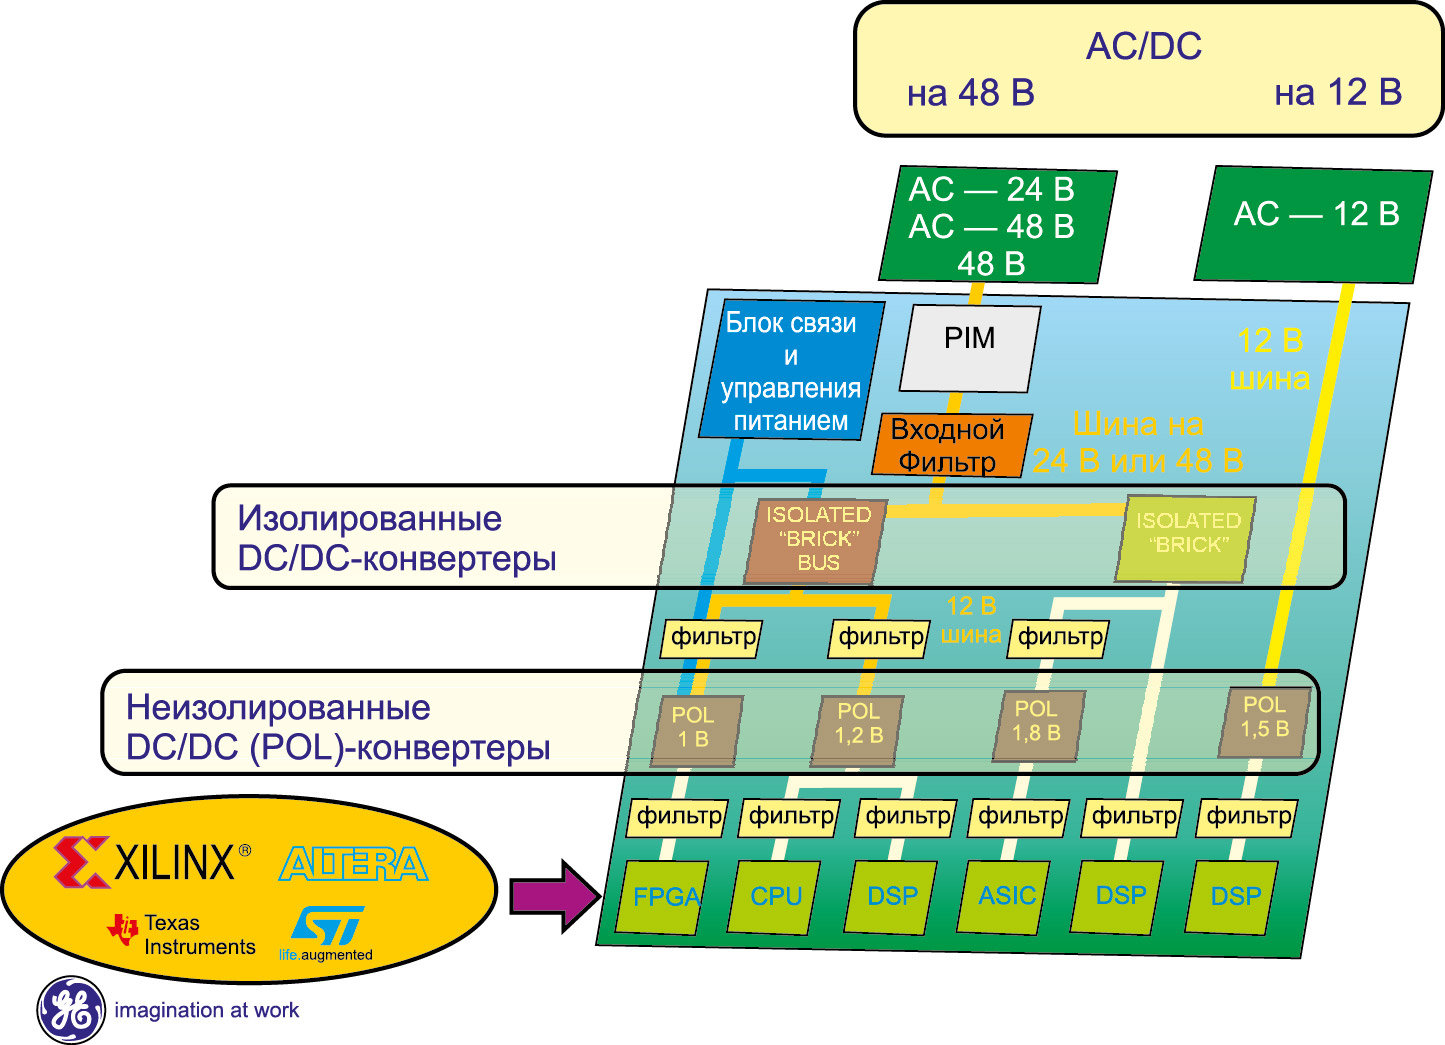 Структурная схема системы питания распределенной архитектуры с промежуточной шиной, предназначенная для сложных микропроцессорных устройств